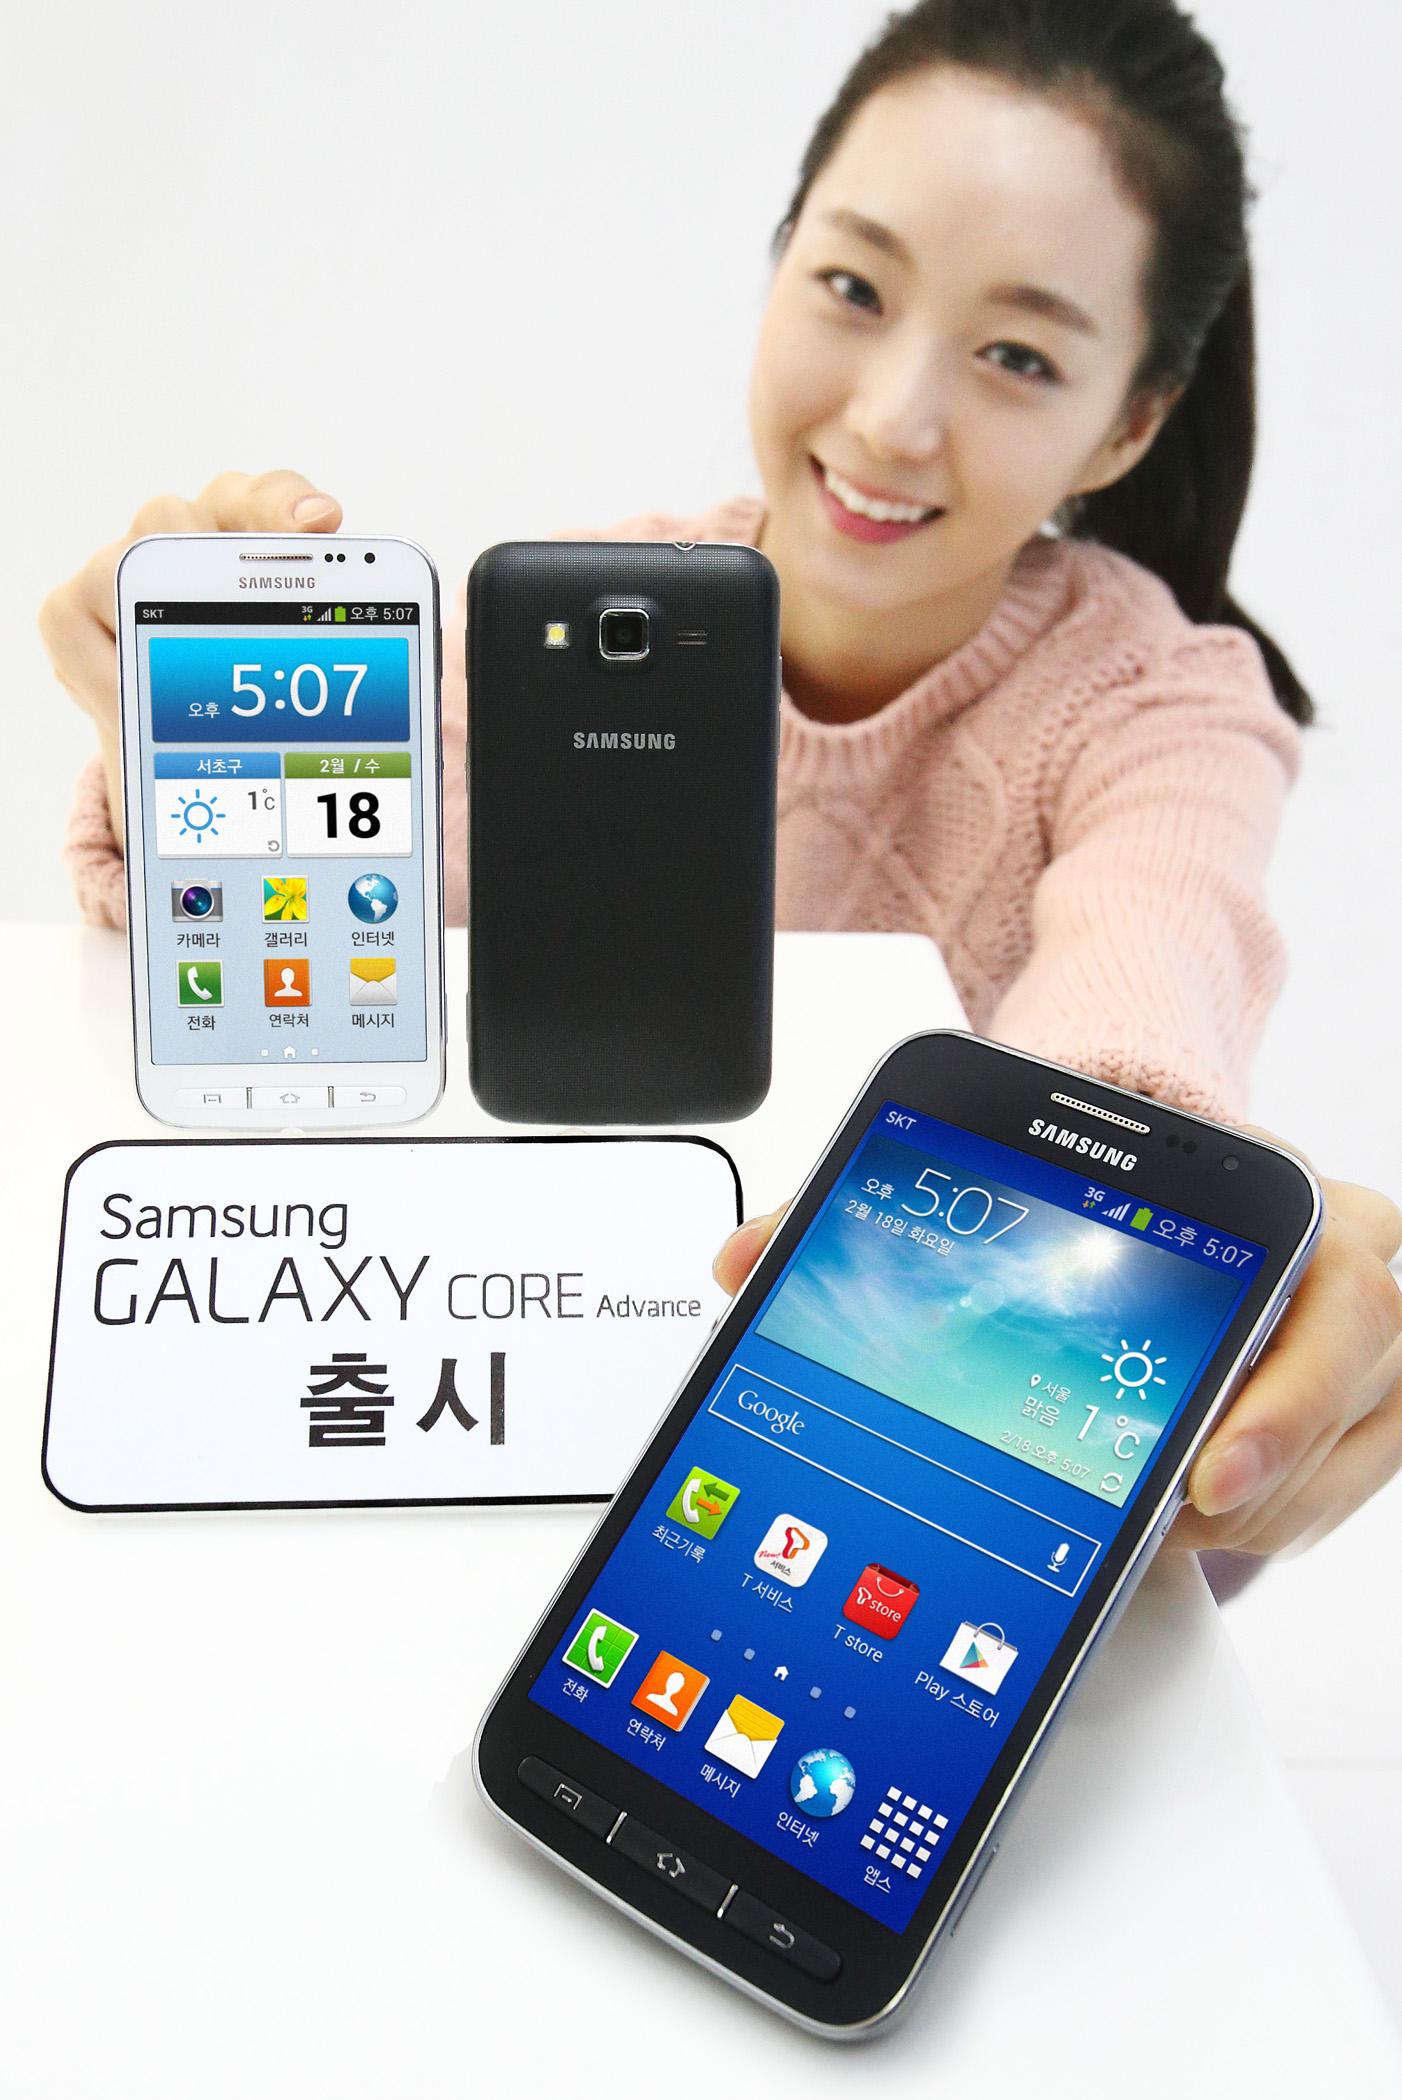 '갤럭시 코어 어드밴스(Galaxy Core Advance)'출시